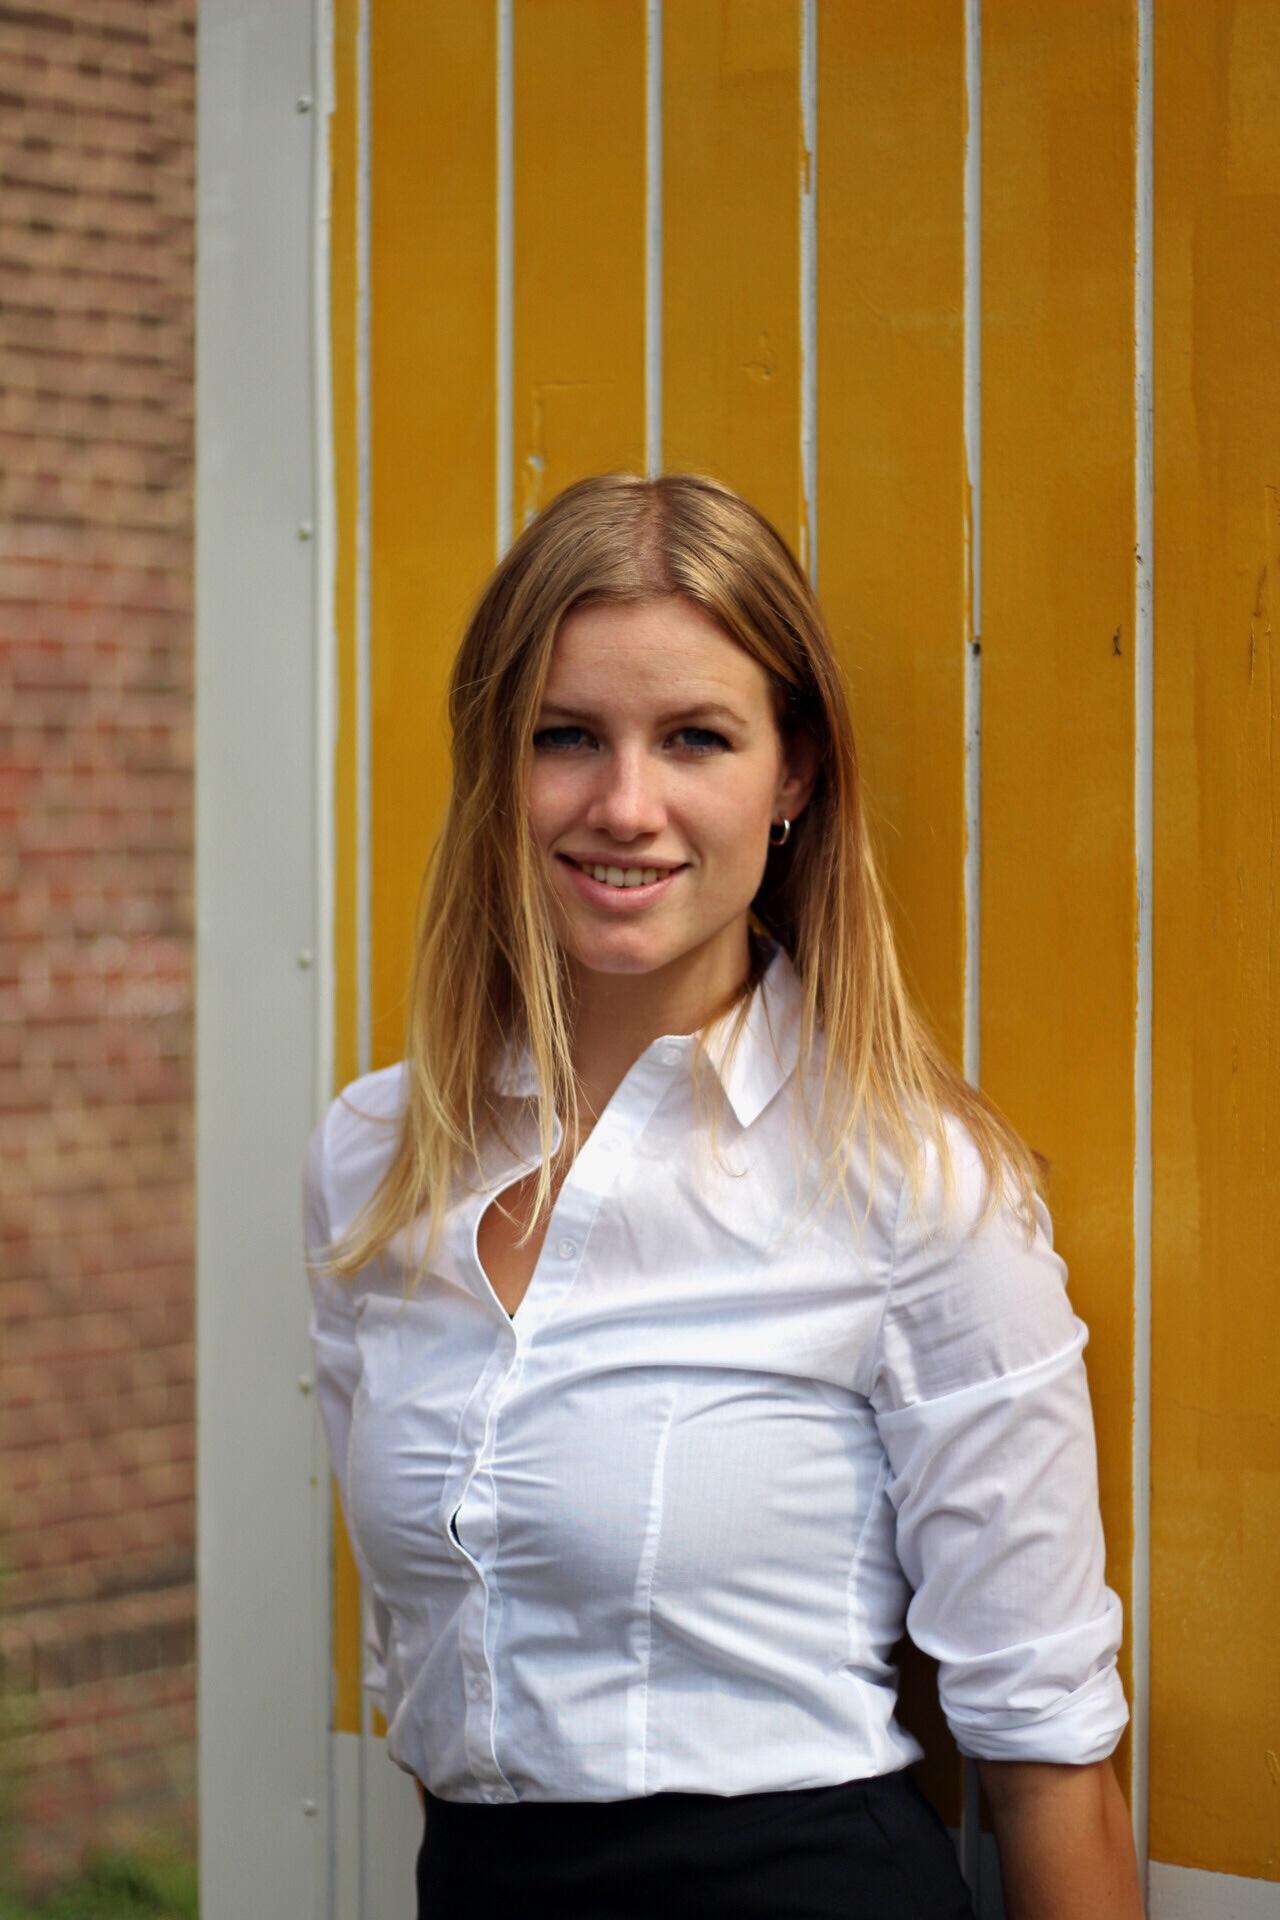 Laura van Houdt